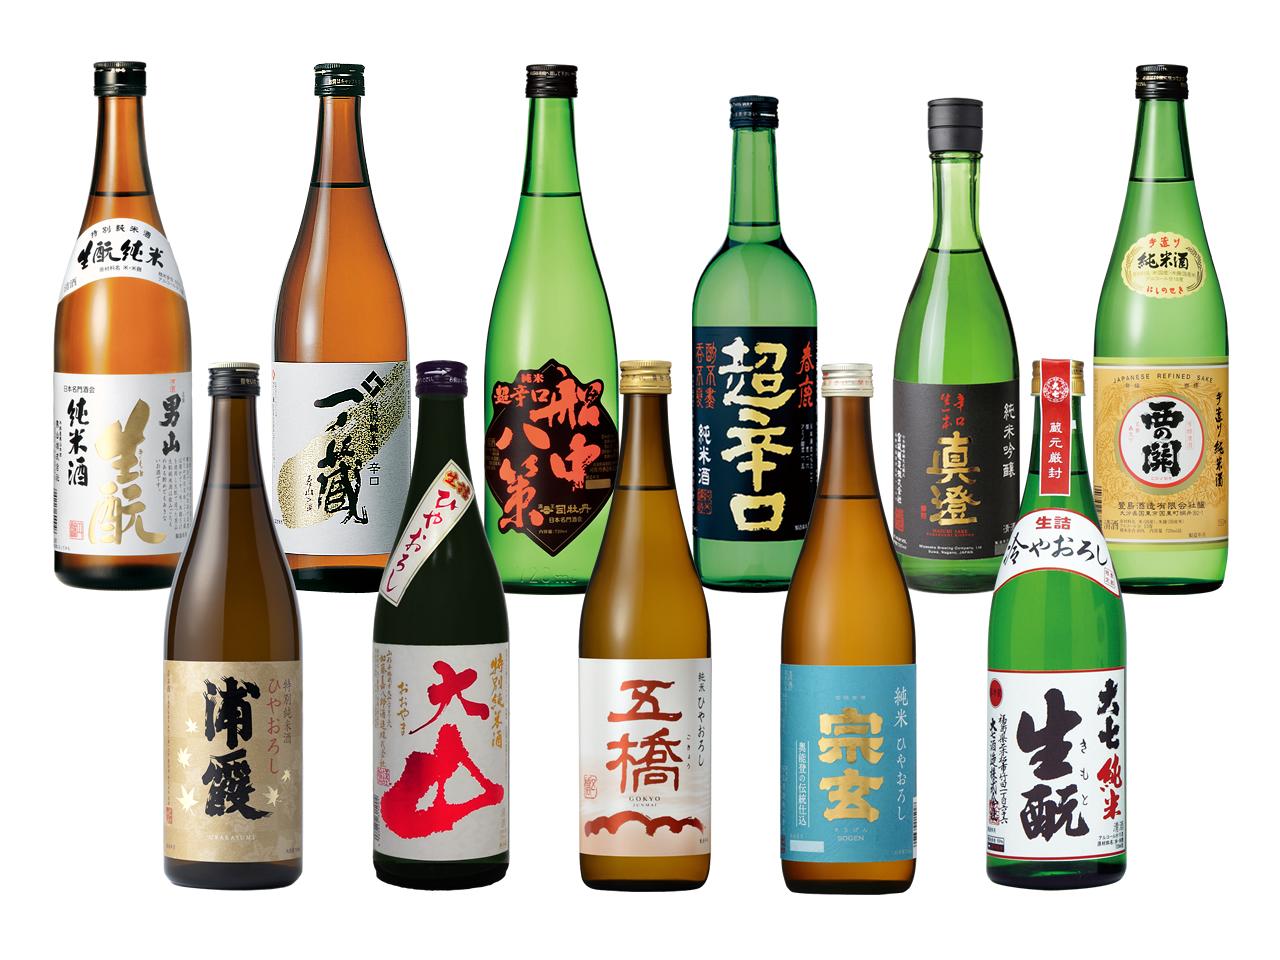 株式会社岡永は酒類および食品卸売を基幹事業にしています。